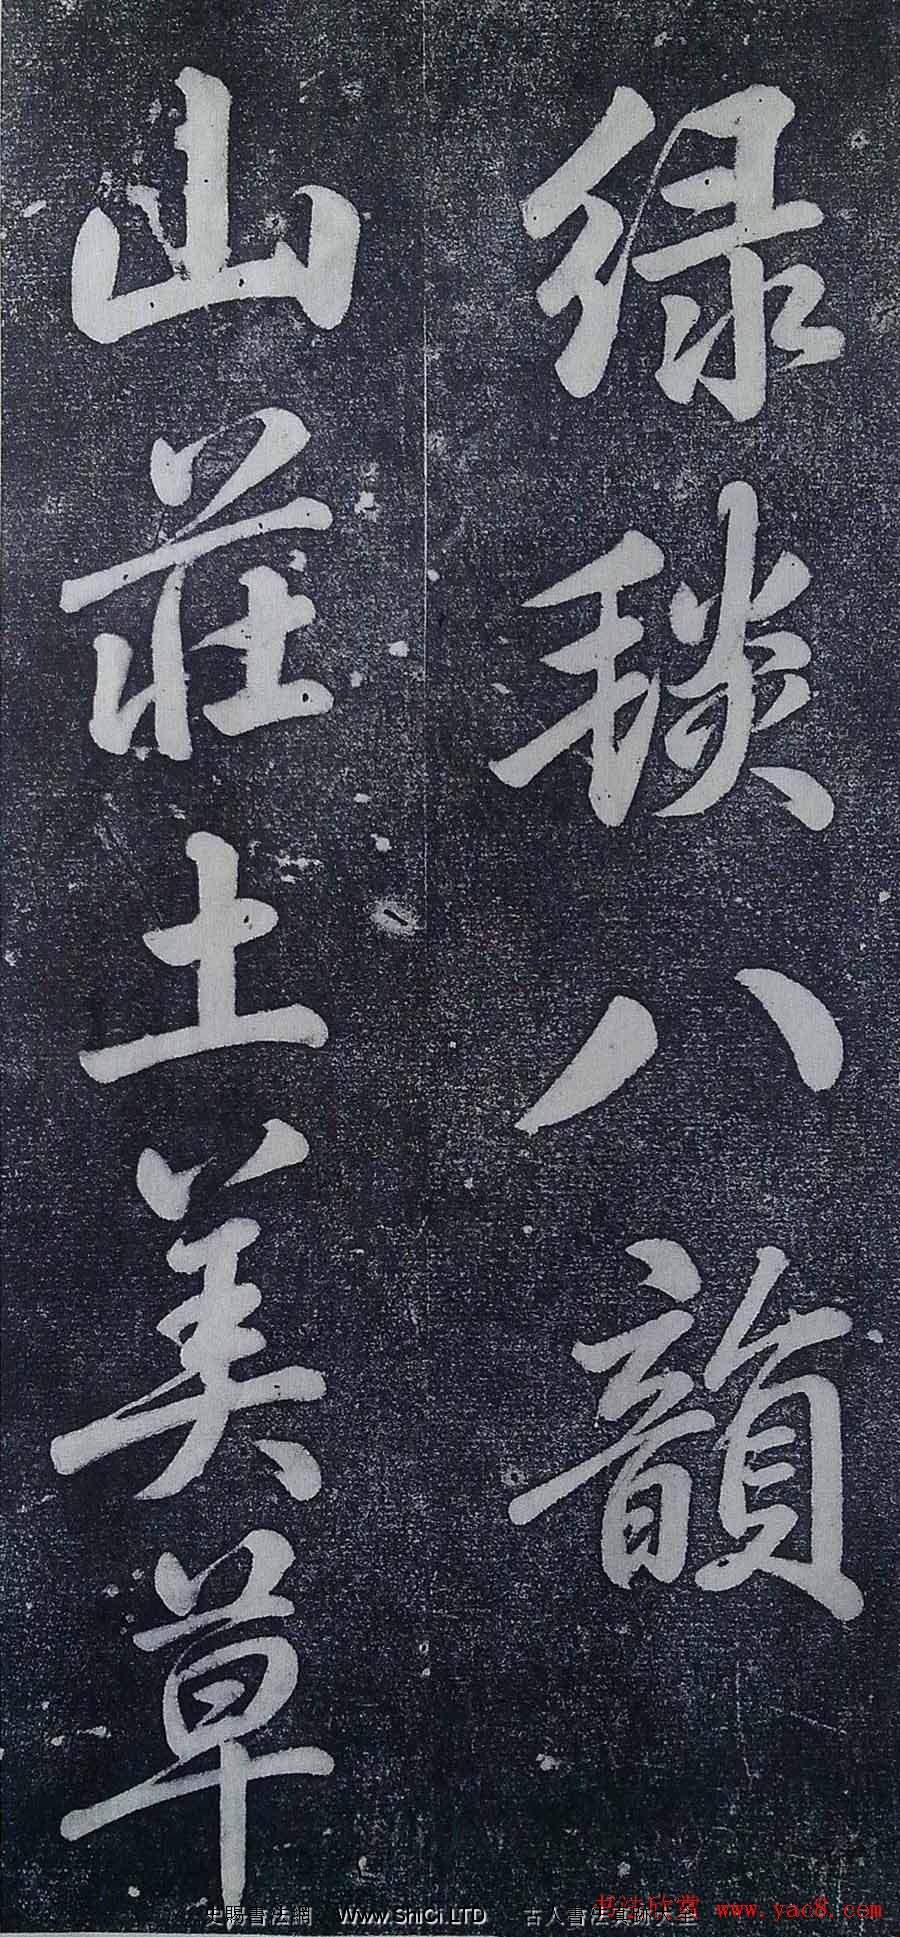 乾隆御制行書碑文綠毯八韻避暑山莊碑(共18張圖片)